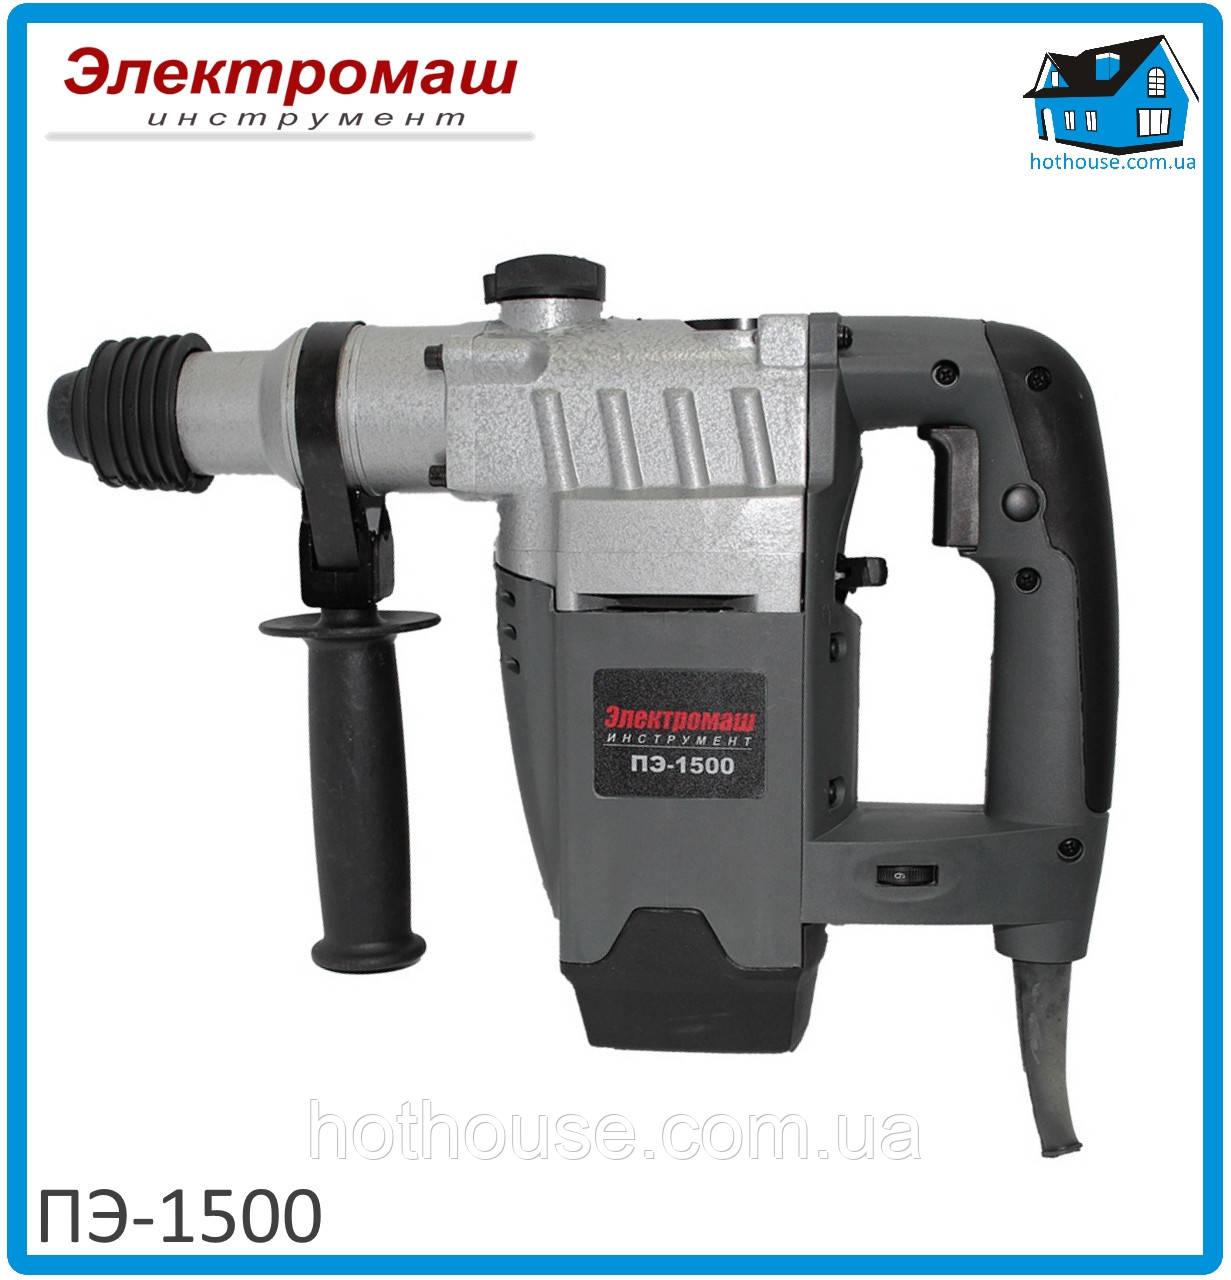 Перфоратор Електромаш ПЕ-1500